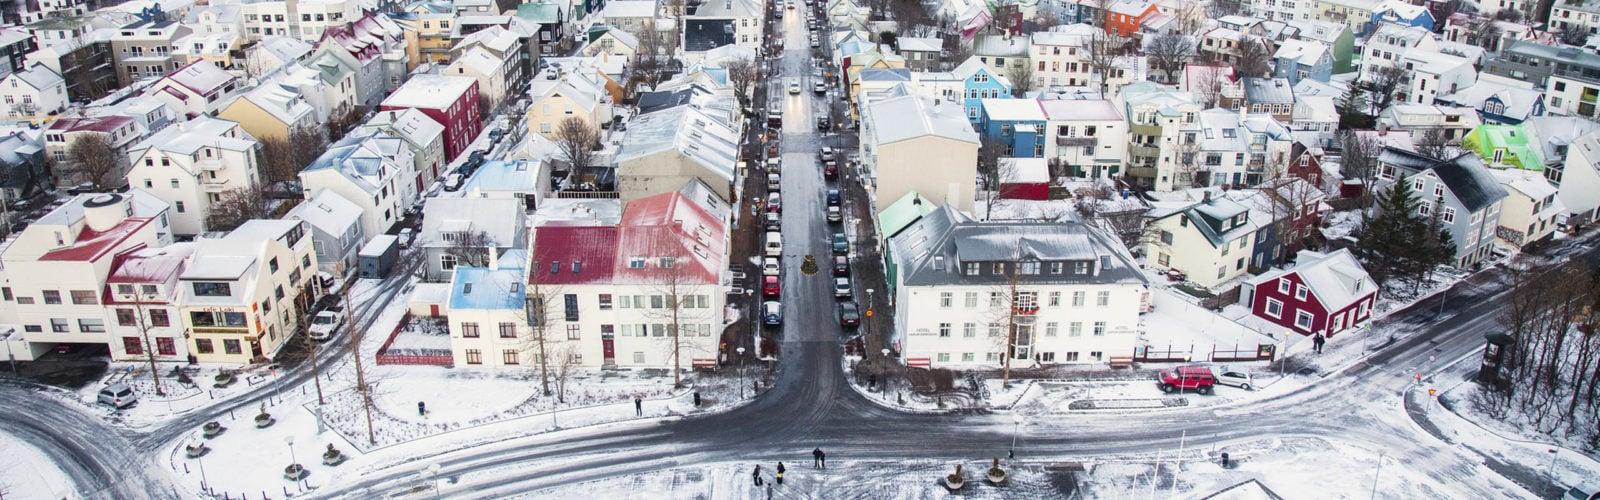 reyjkavik-aerial-view-iceland